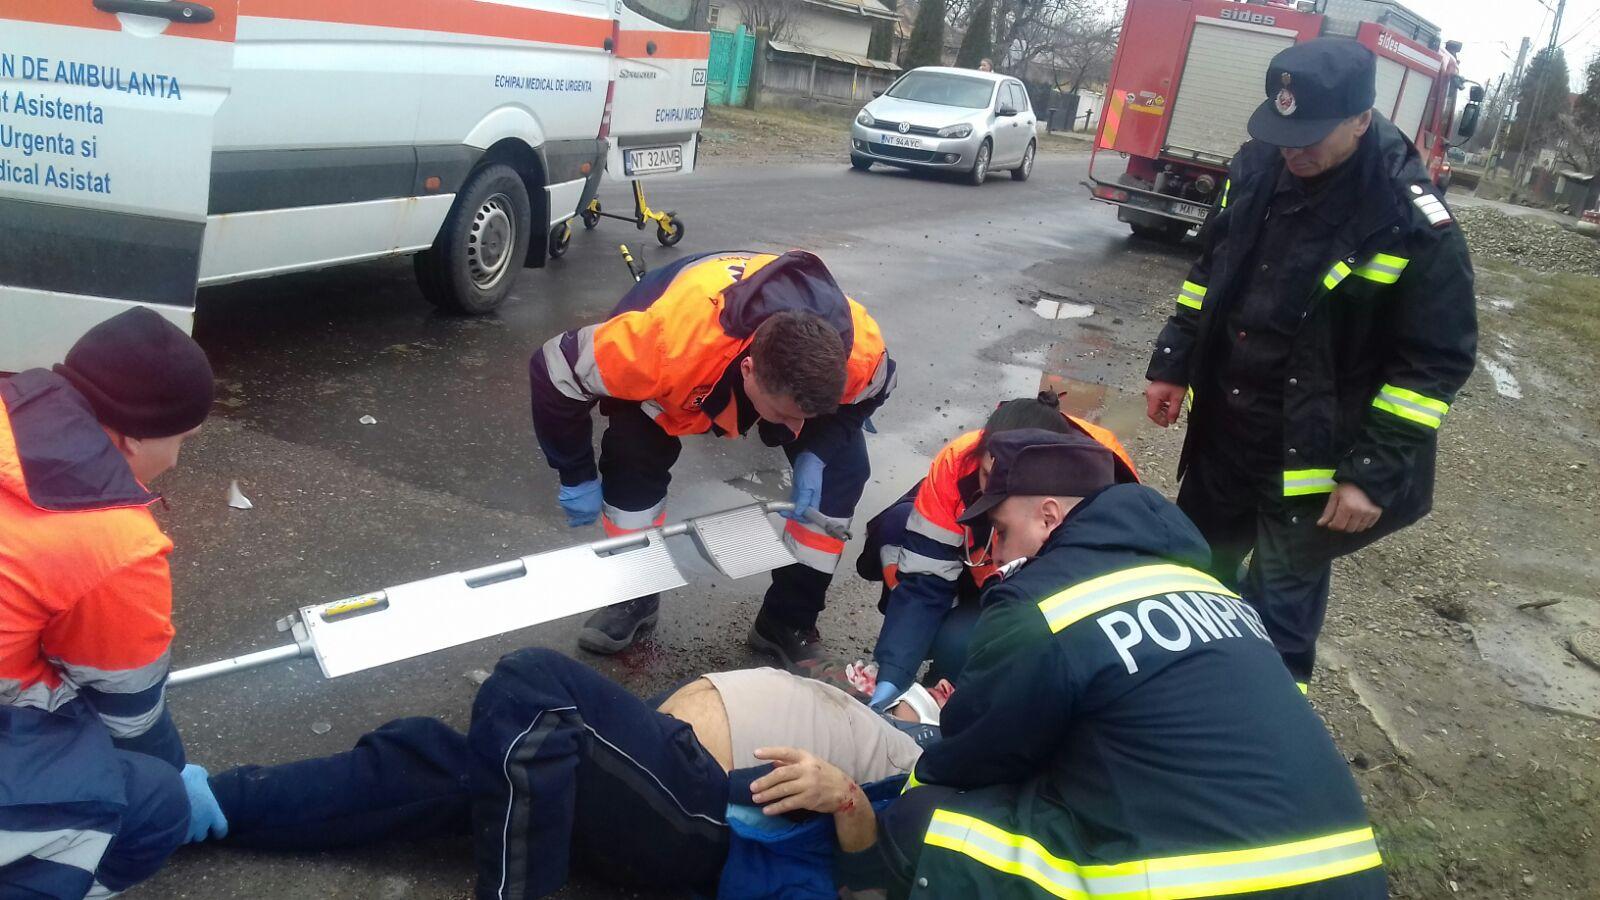 Bărbat rănit la Cotu Vameș, descoperit pe marginea șoselei de pompieri